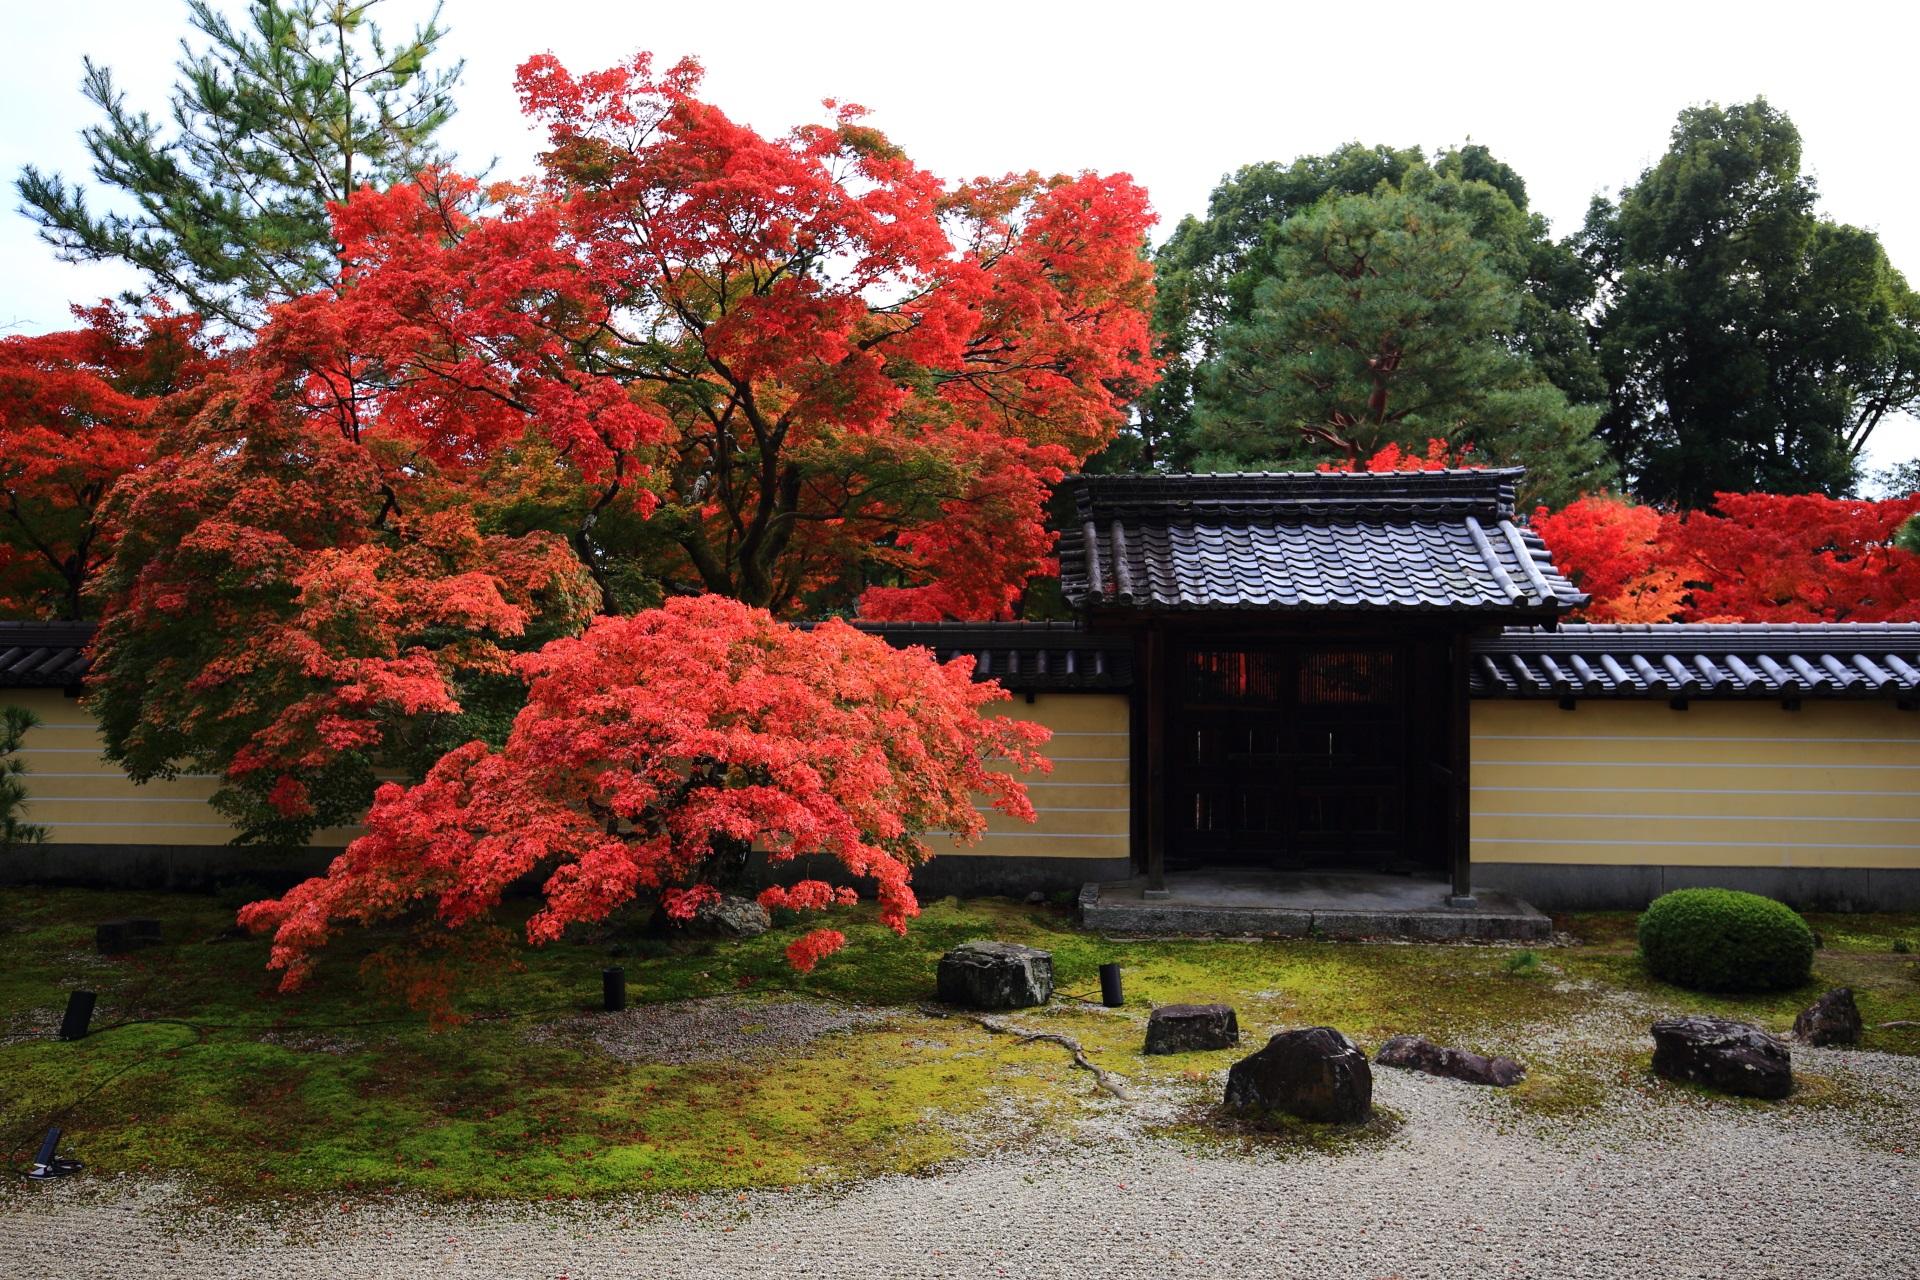 等持院の勅使門を彩る溢れる鮮やかな紅葉